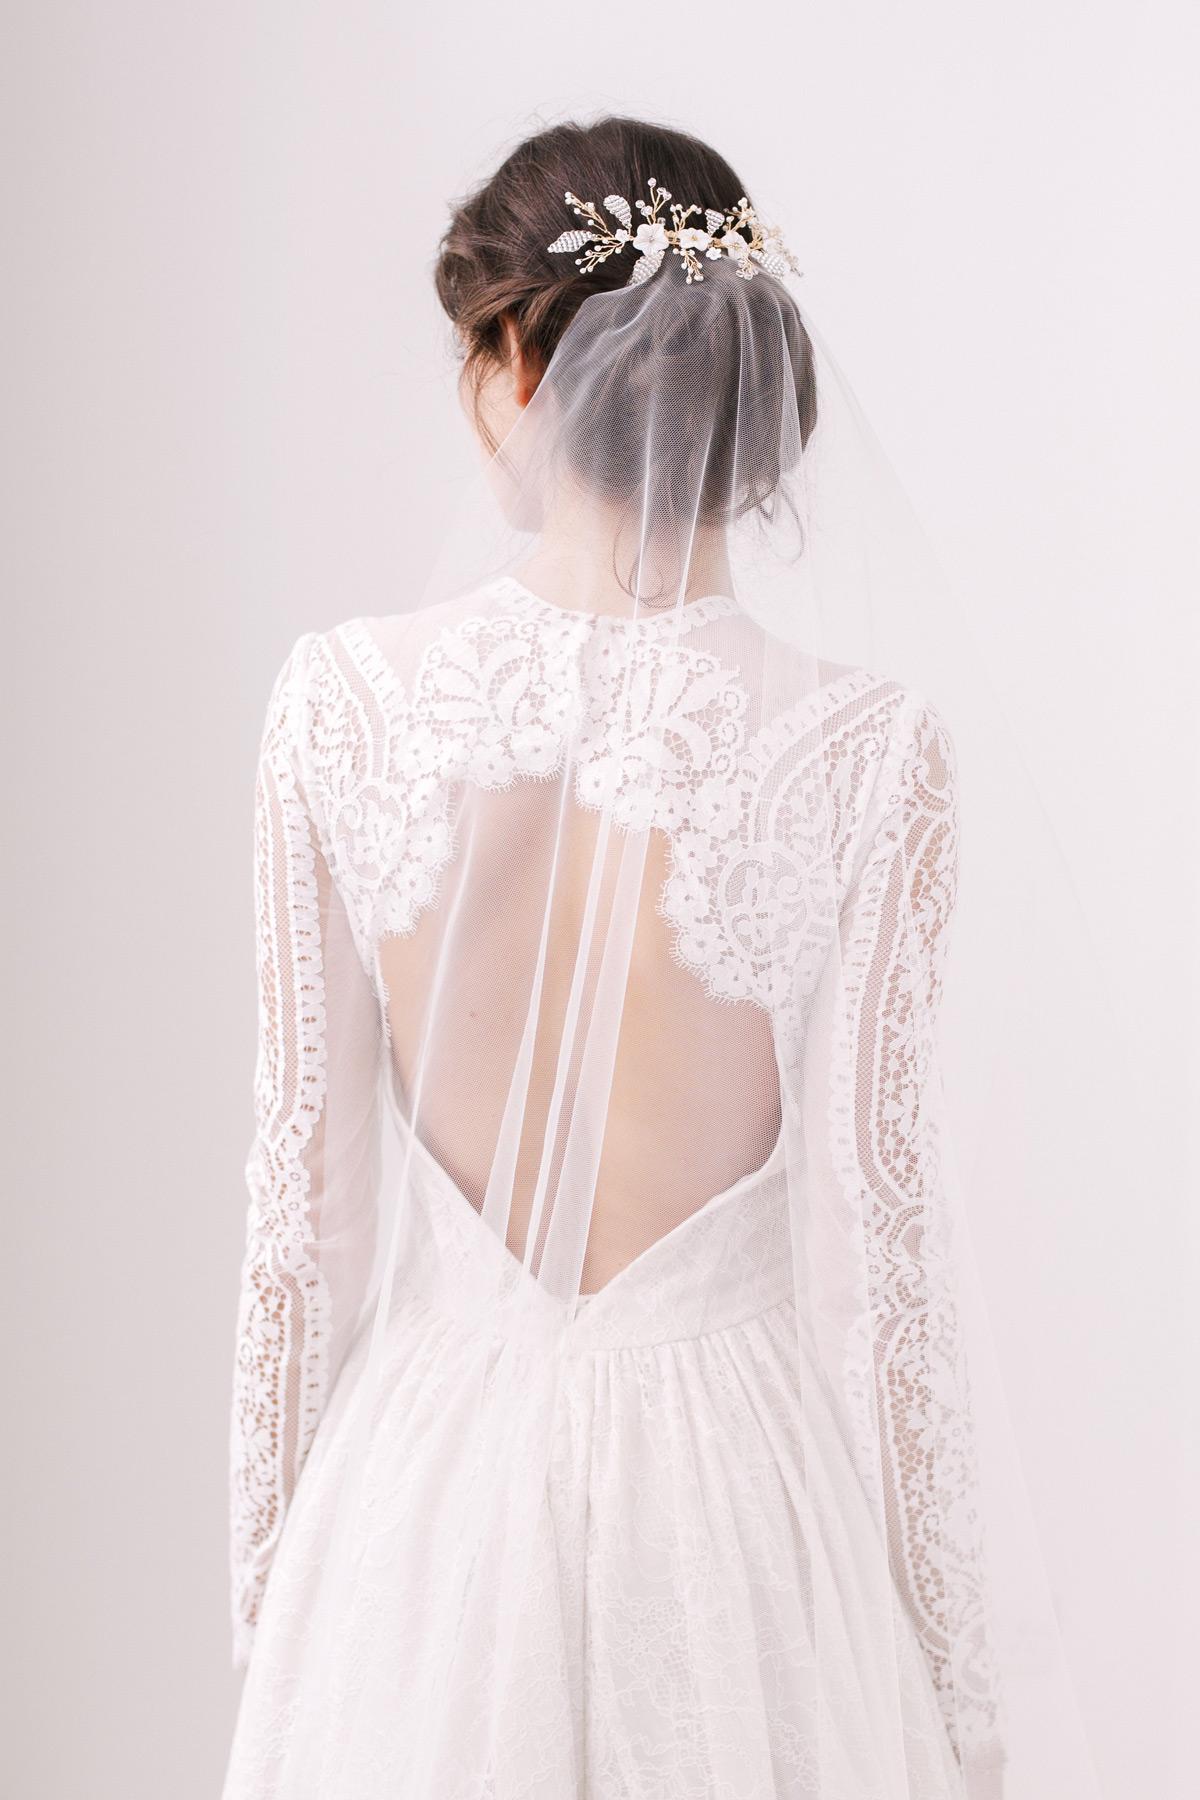 dress designs vine vogue wedding brides over